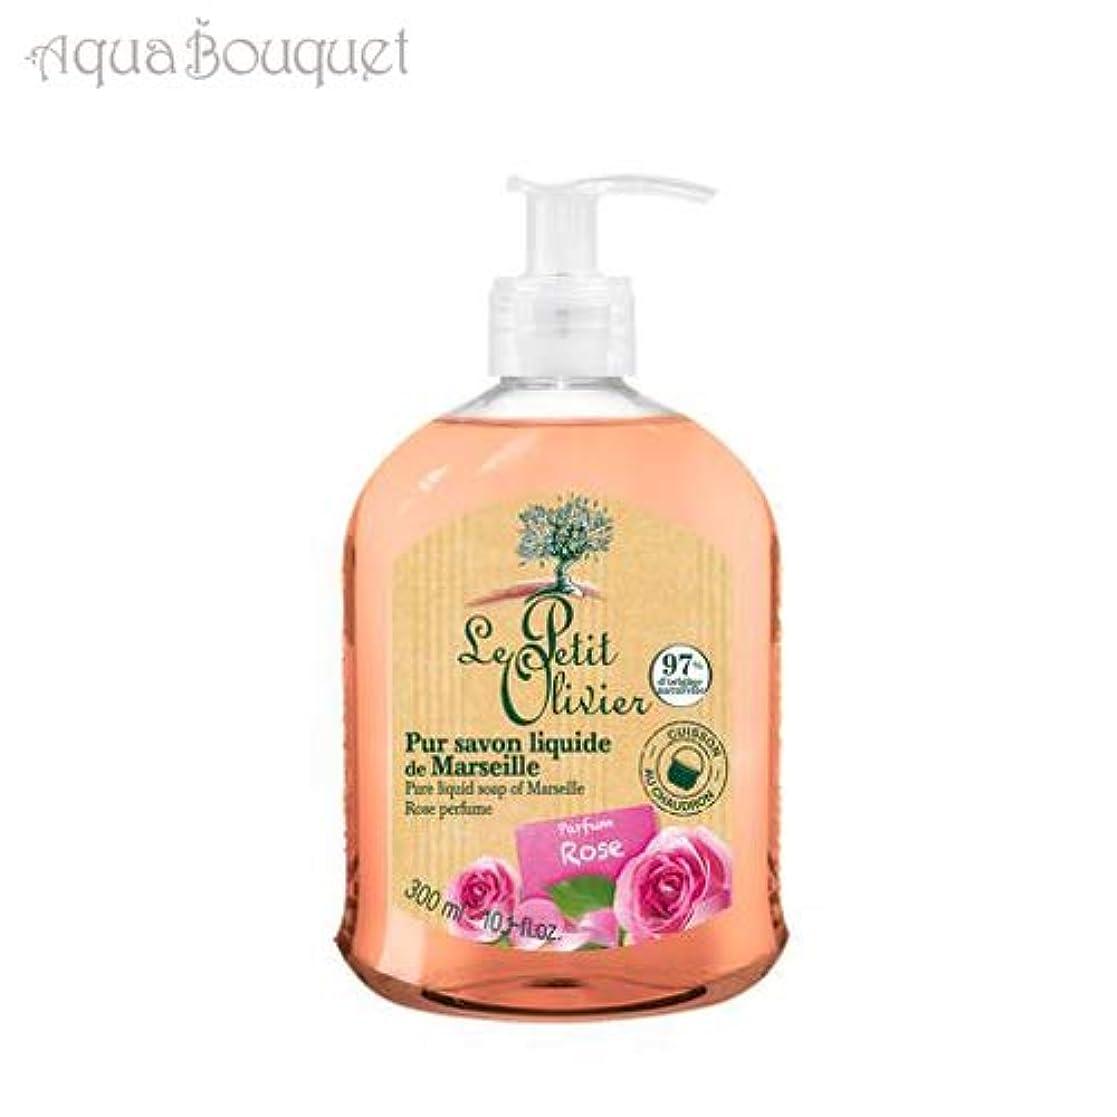 ル プティ オリヴィエ ピュア リキッドソープ マルセイユ ローズ 300ml LE PETIT OLIVIER LIQUID SOAP ROSE [6032] [並行輸入品]